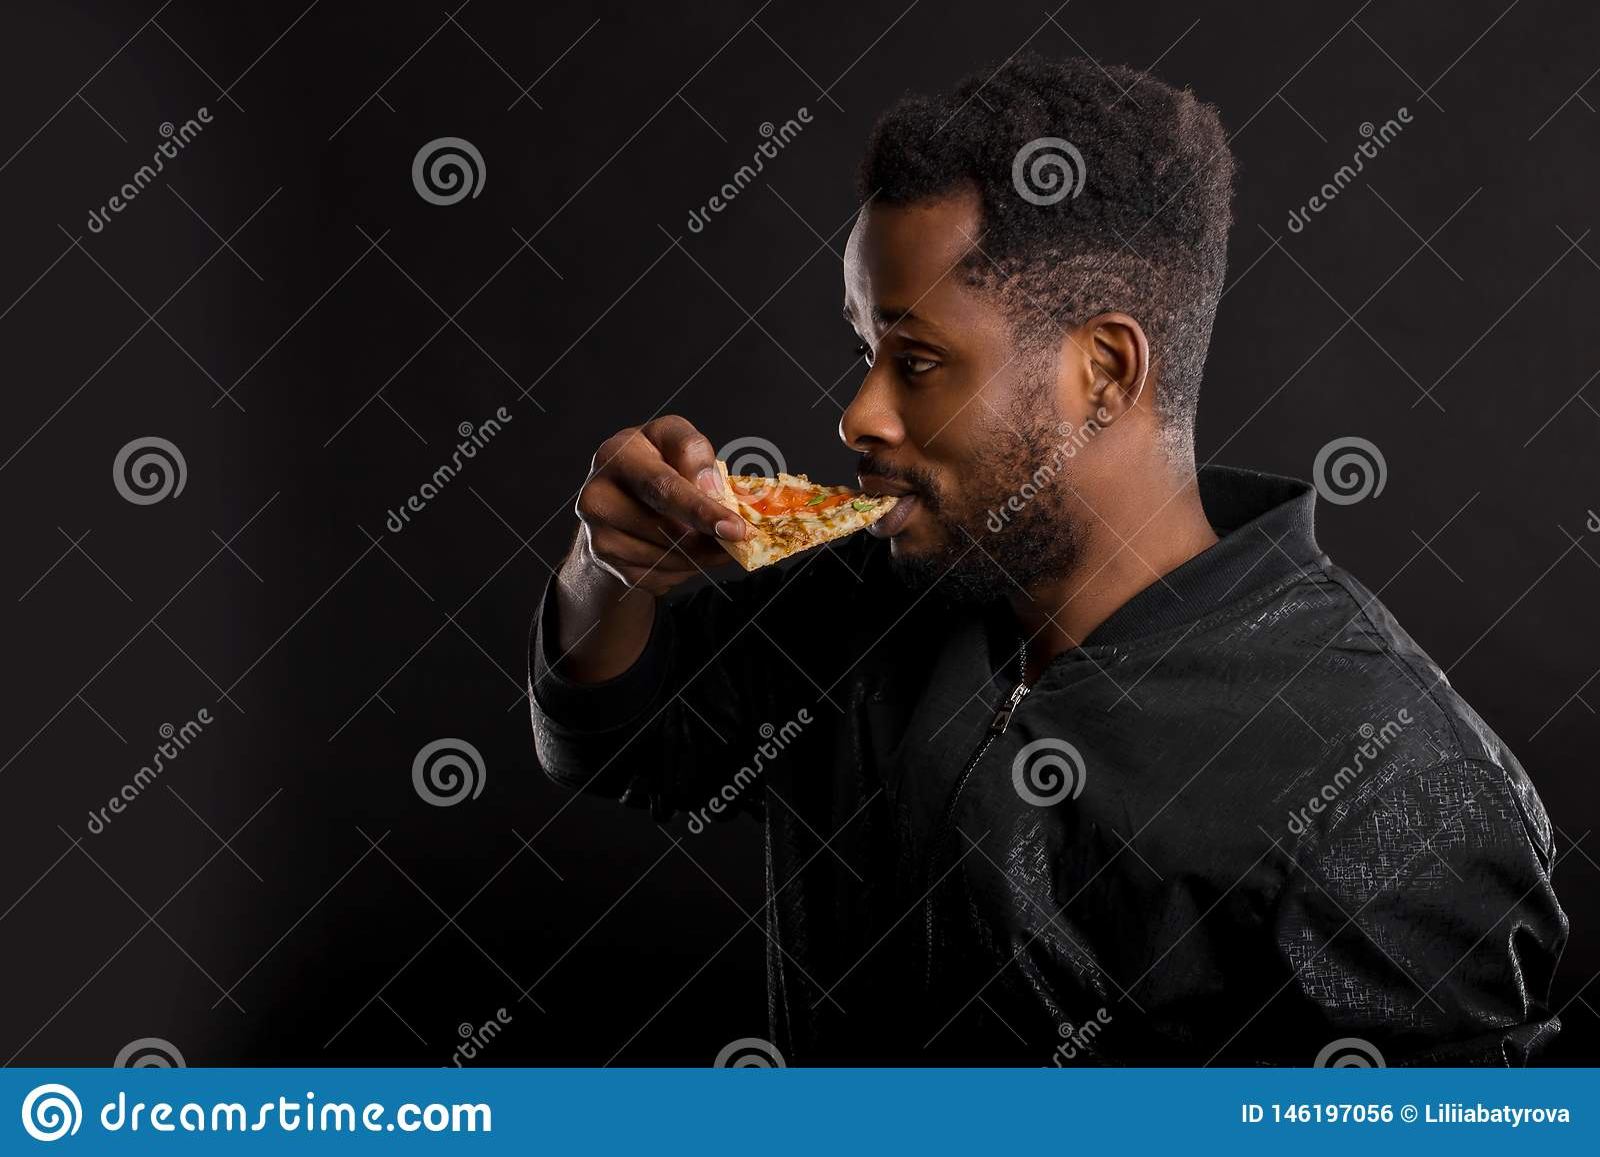 Ritratto alto vicino di giovane pizza mangiatrice di uomini africana